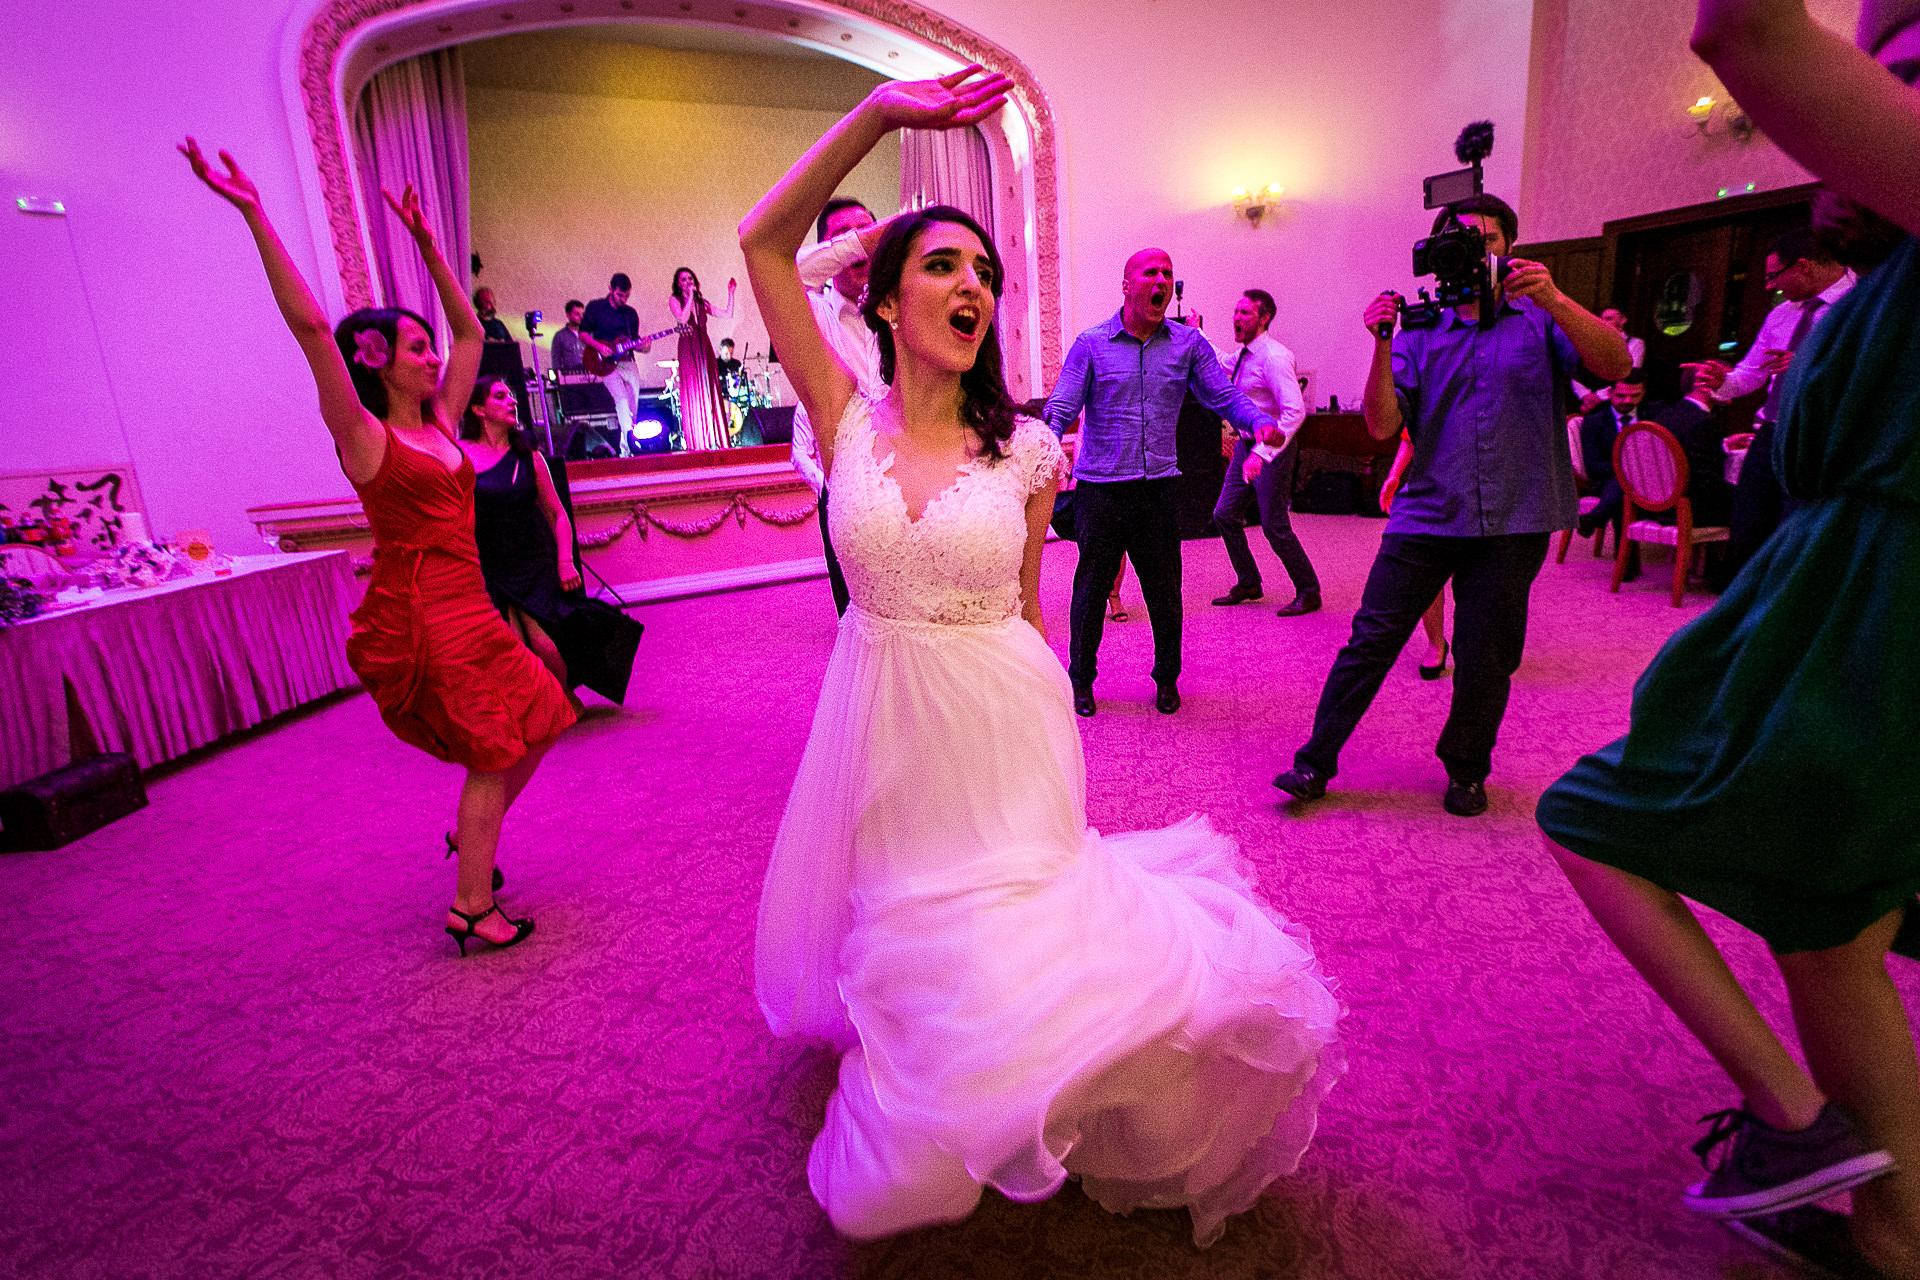 nuntă Salon Elisabeta - Elena şi Costin - Mihai Zaharia Photography - 098